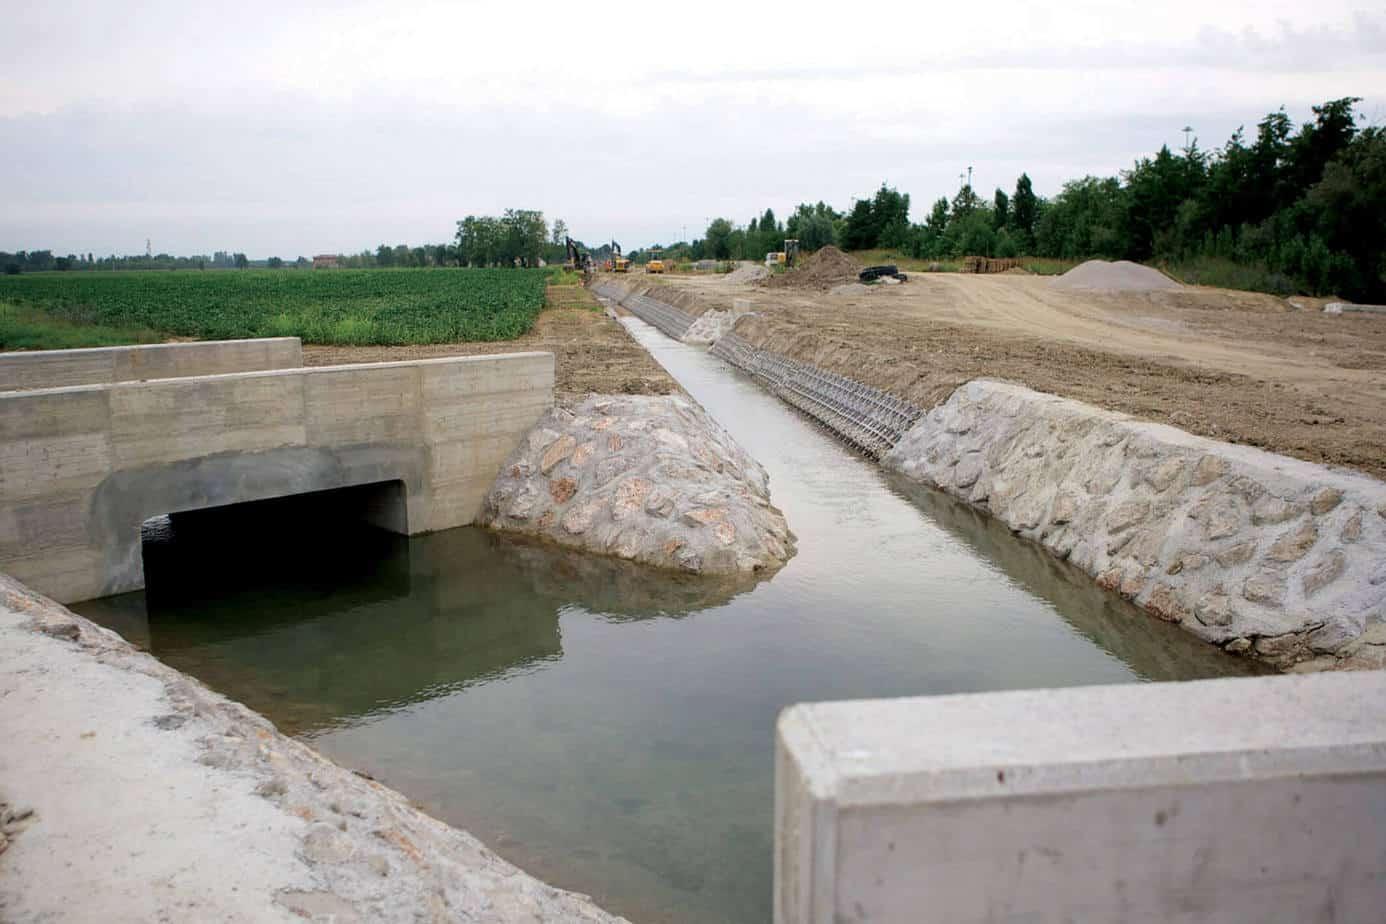 La nuova regimazione idraulica dei canali consortili